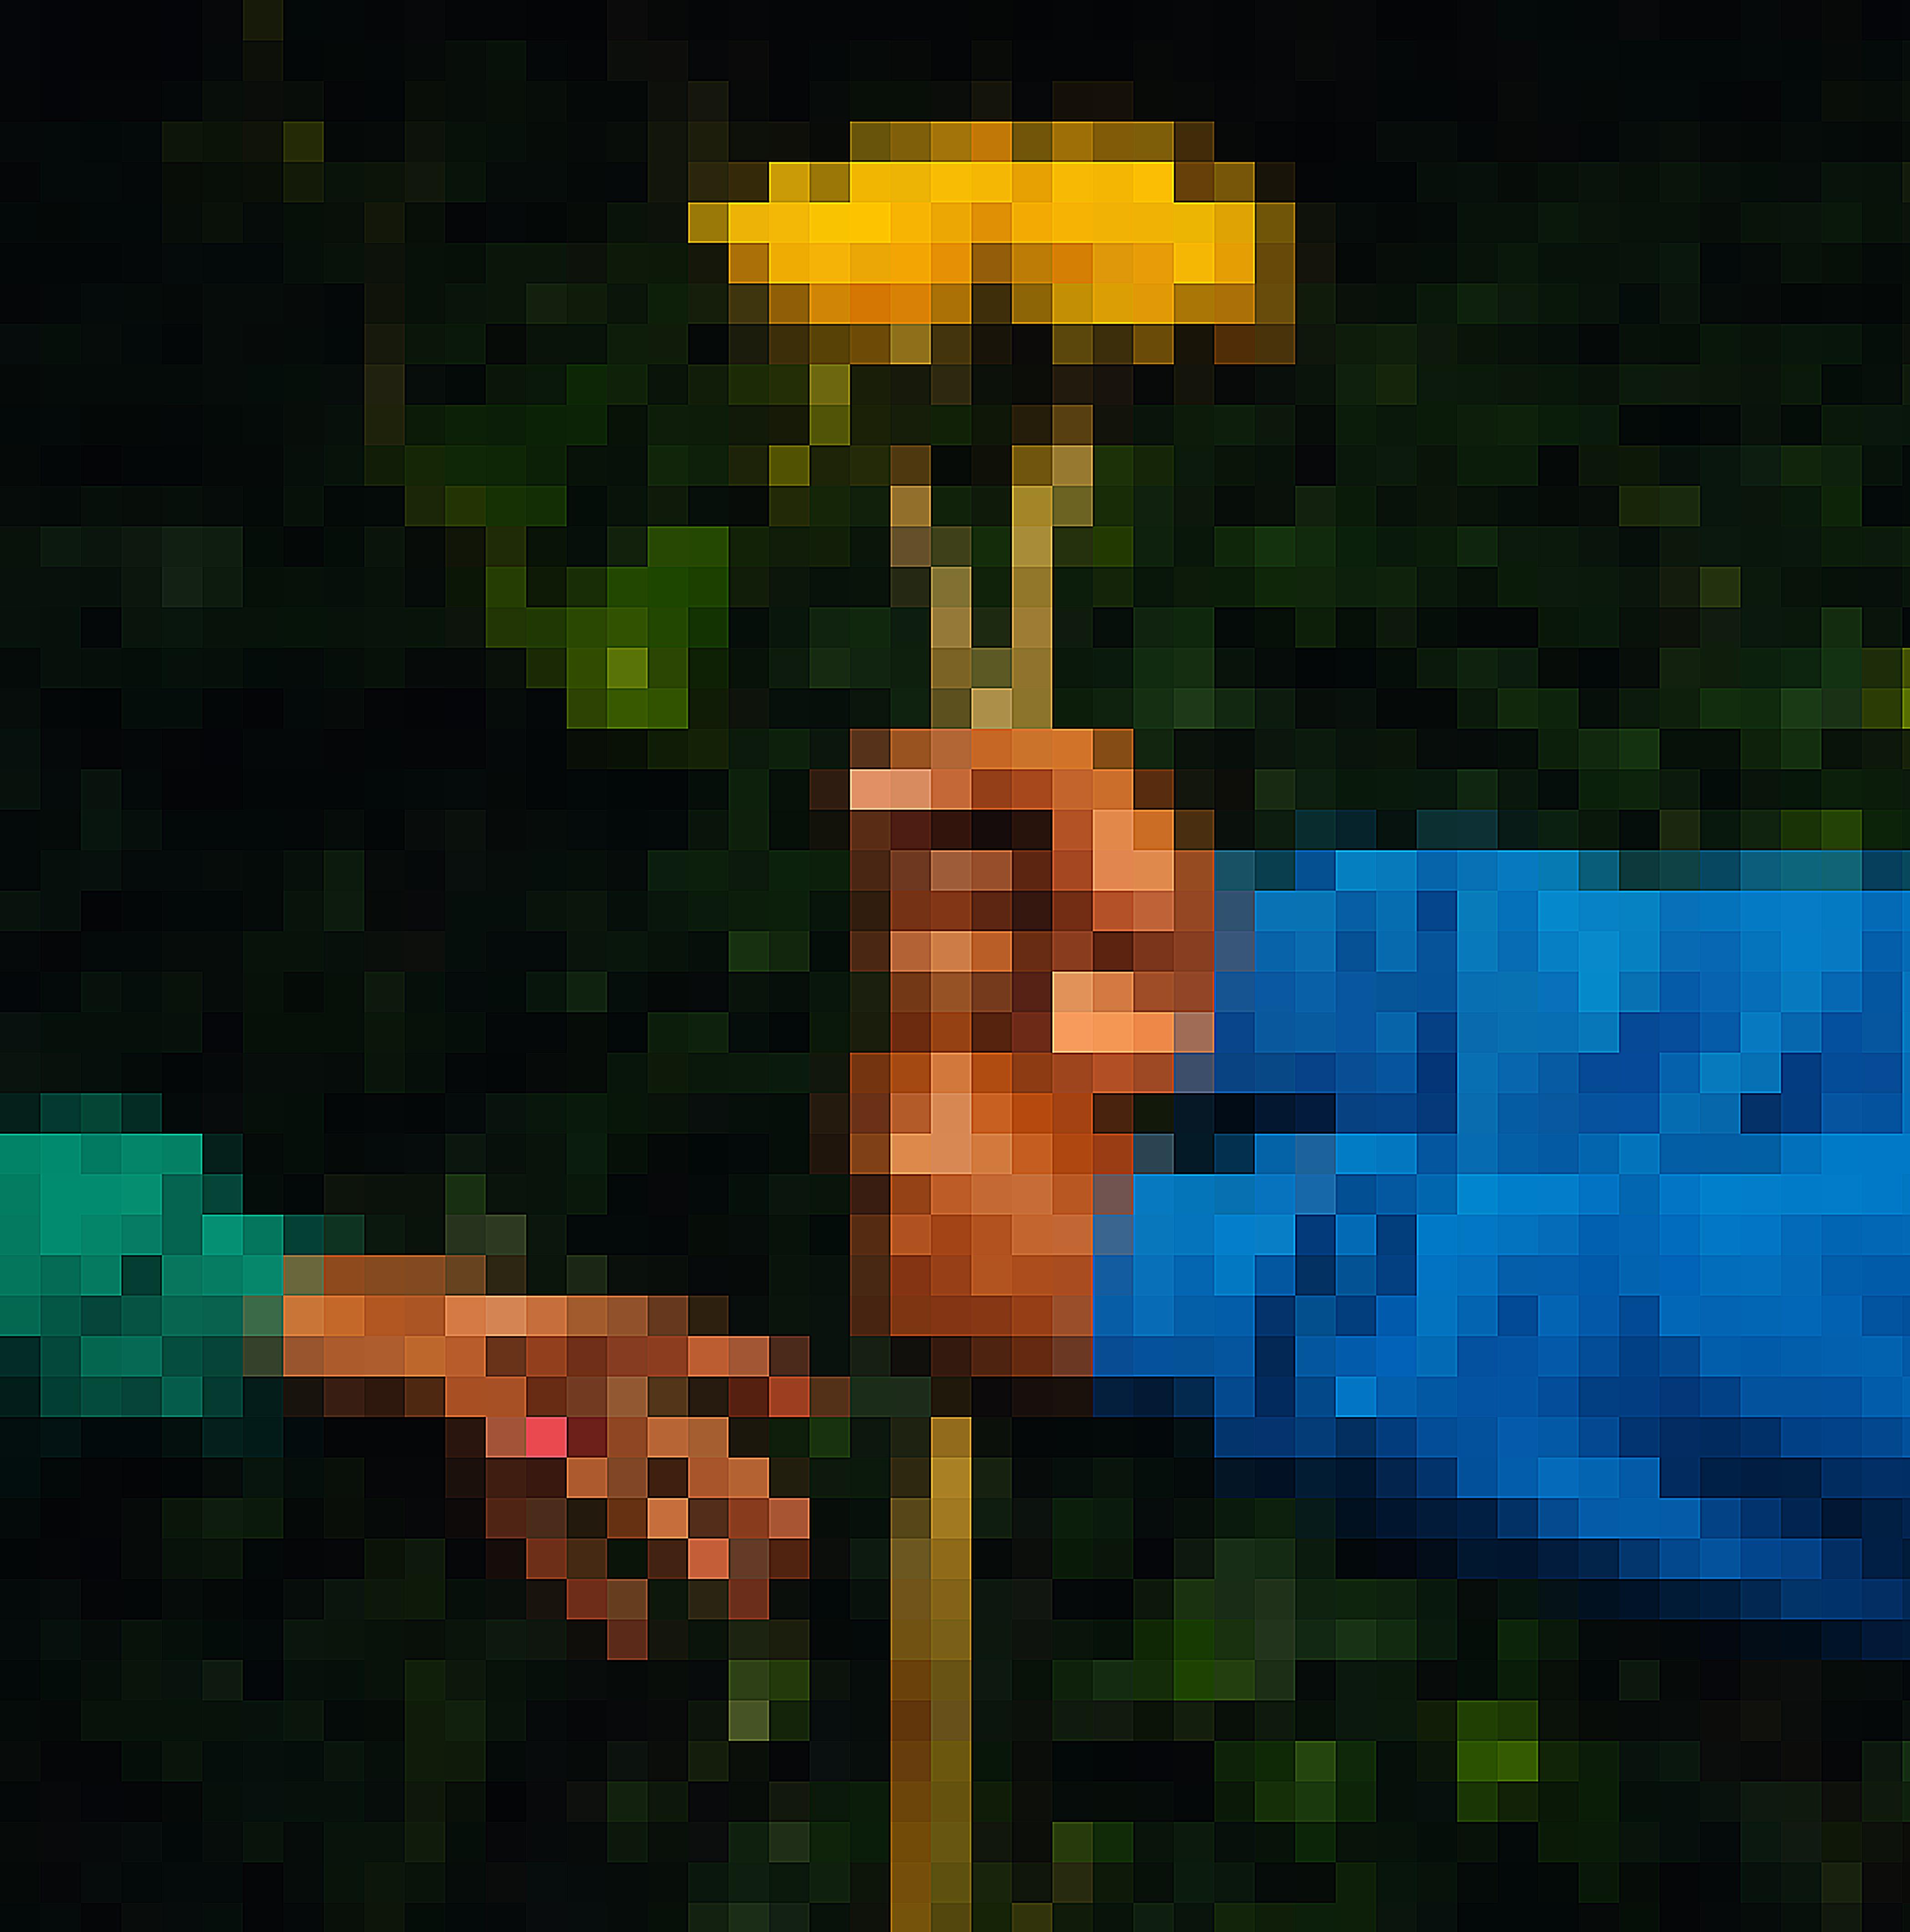 sunflowerpixel2